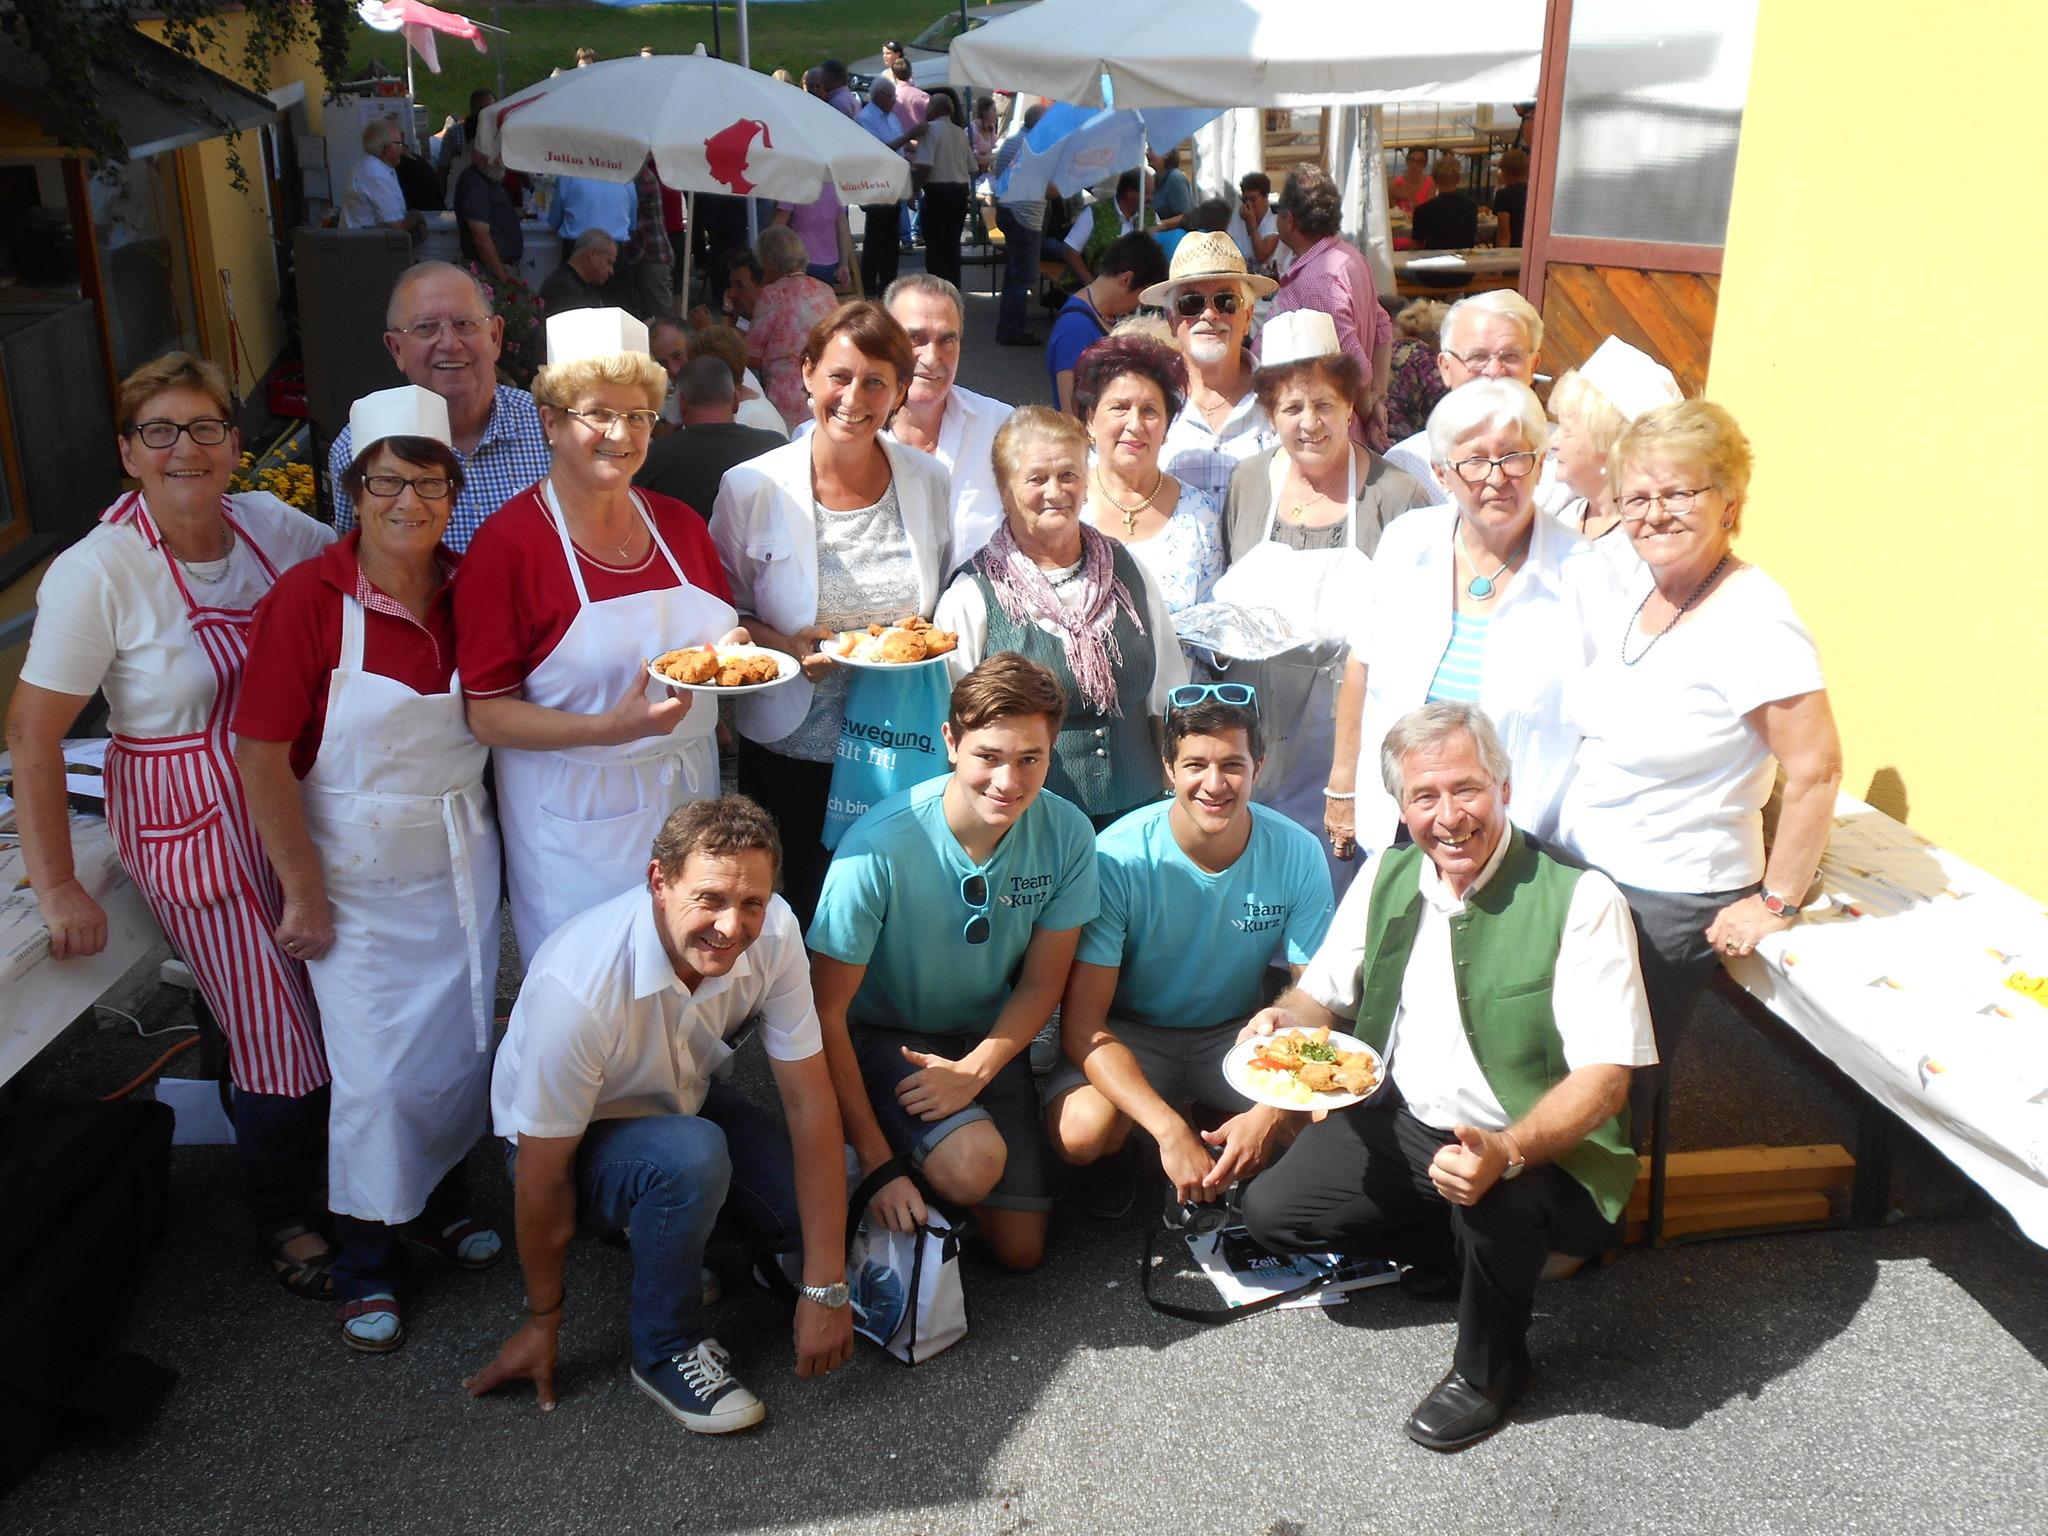 Die Mitglieder des Seniorenbundes Diex freuen sich auf zahlreiche Besucher